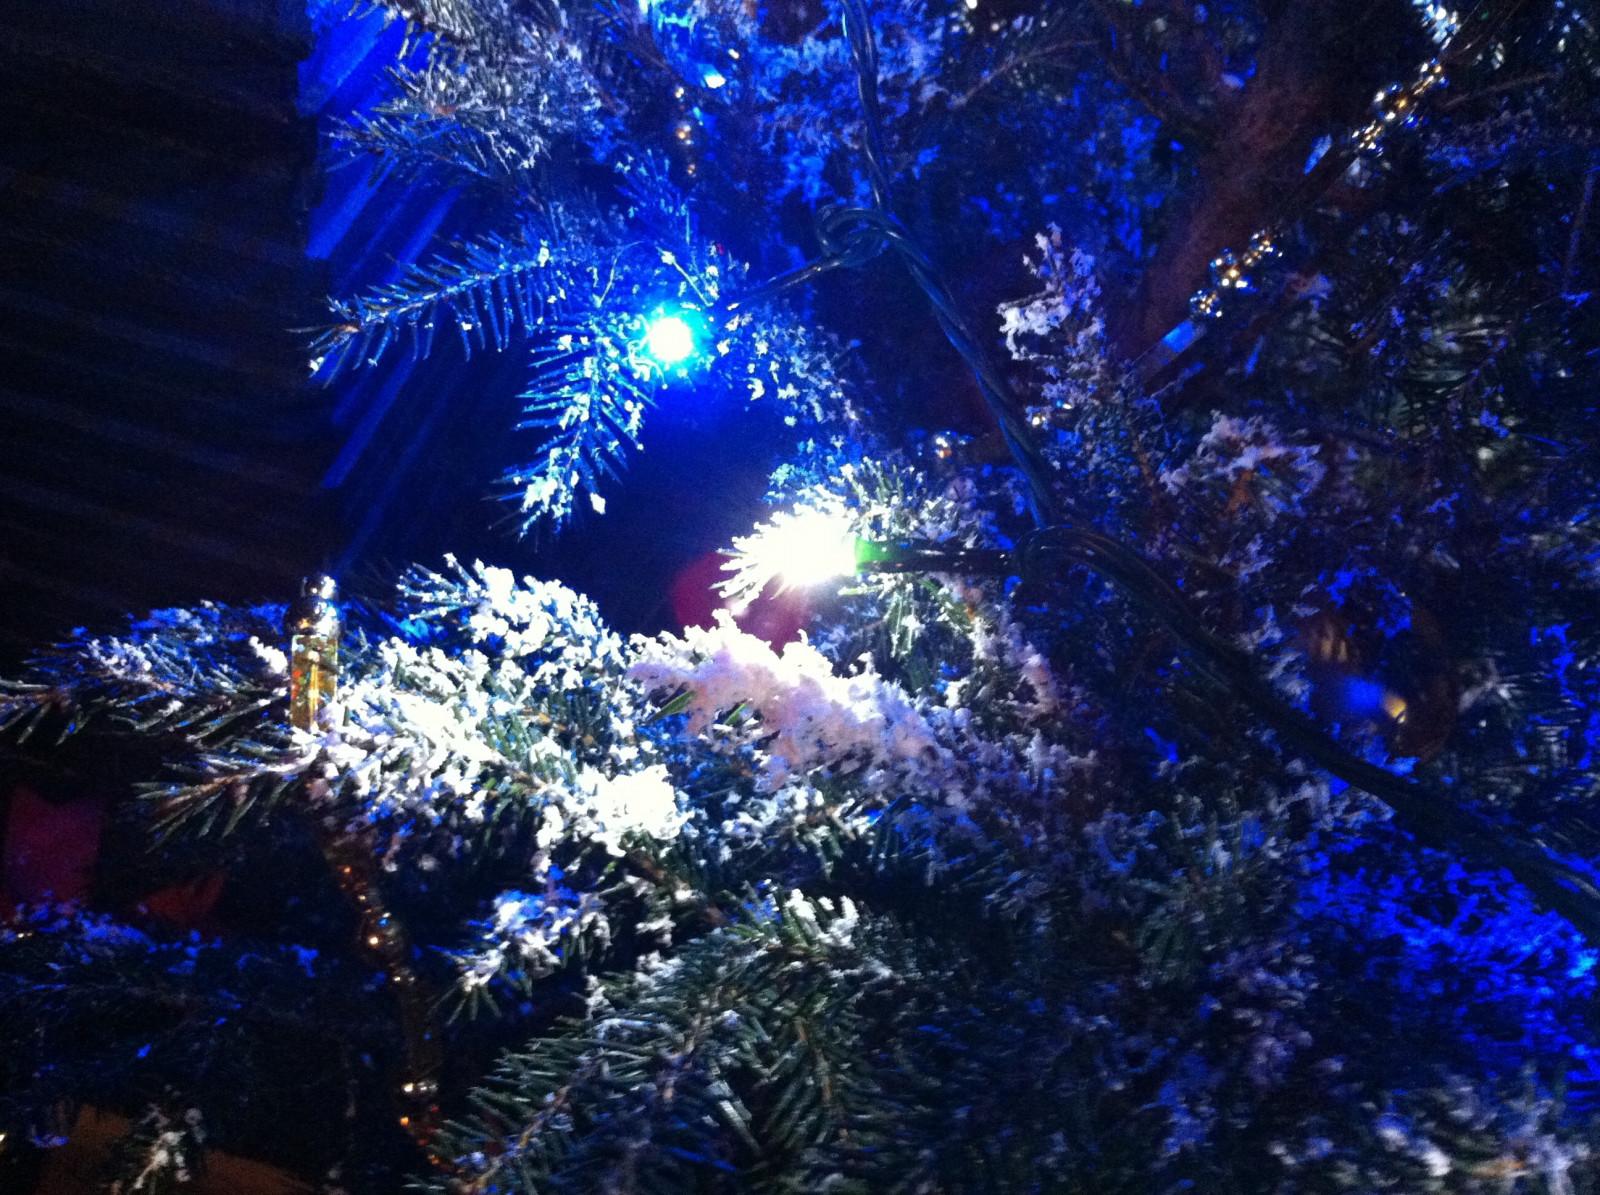 モミの木で本物のクリスマスツリー。